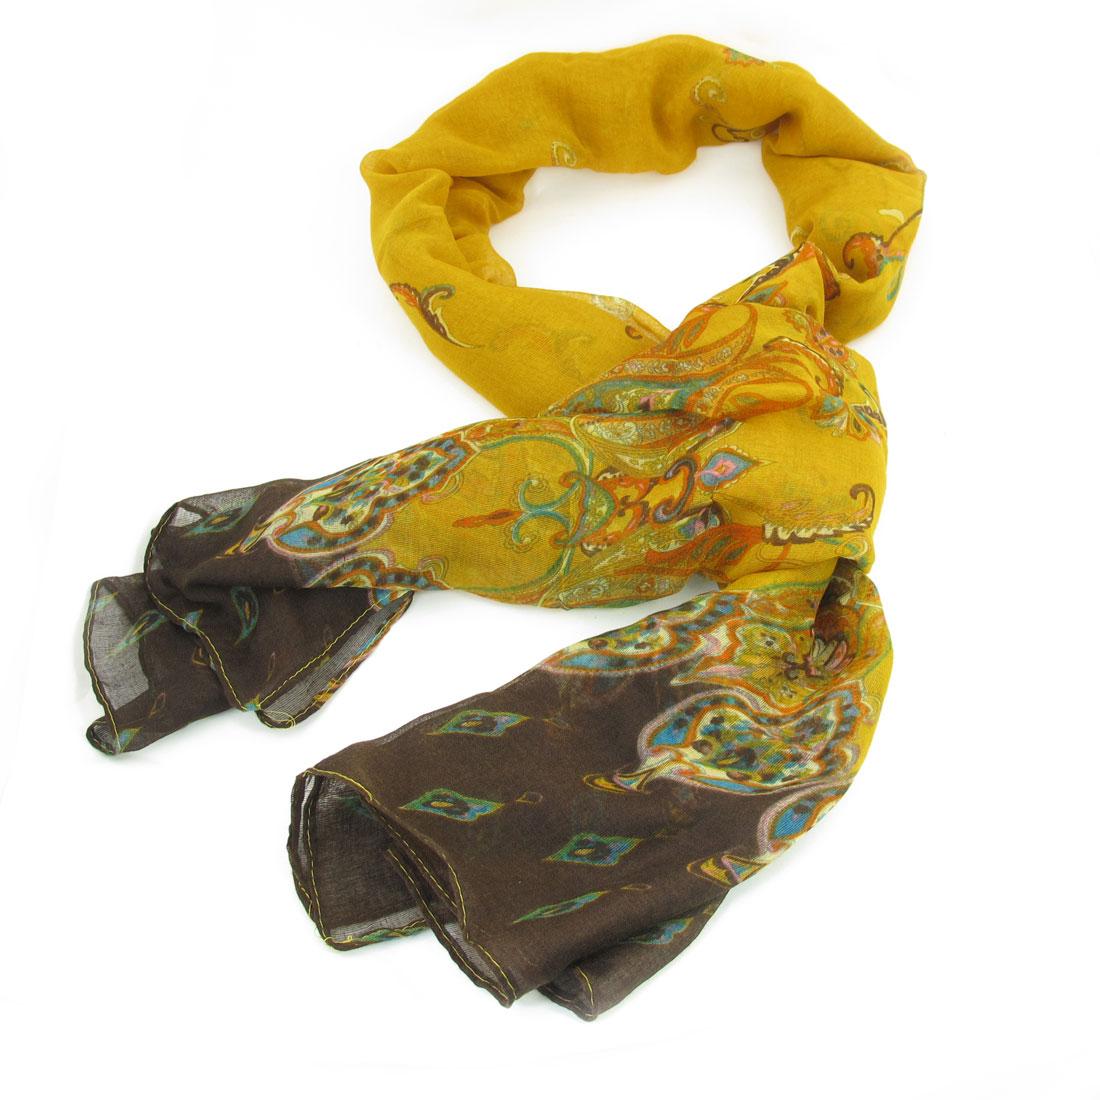 Retro Prints Dark Yellow Guaze Long Scarf Wrap Shawl Blouse Decor for Woman